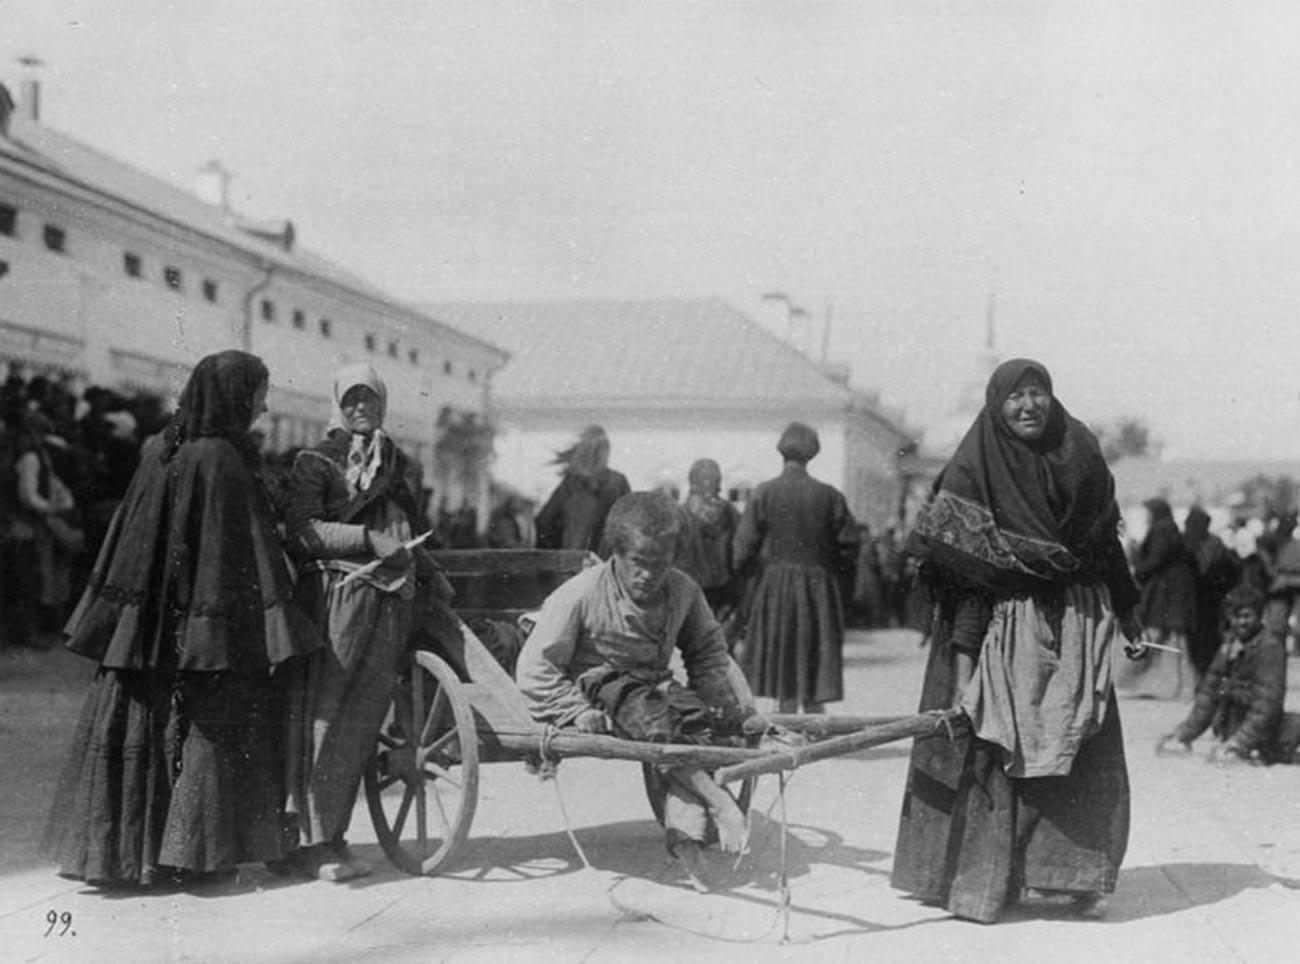 Seorang perempuan petani mengangkut putranya yang berkebutuhan khusus di dekat Biara Sarov, 1903.